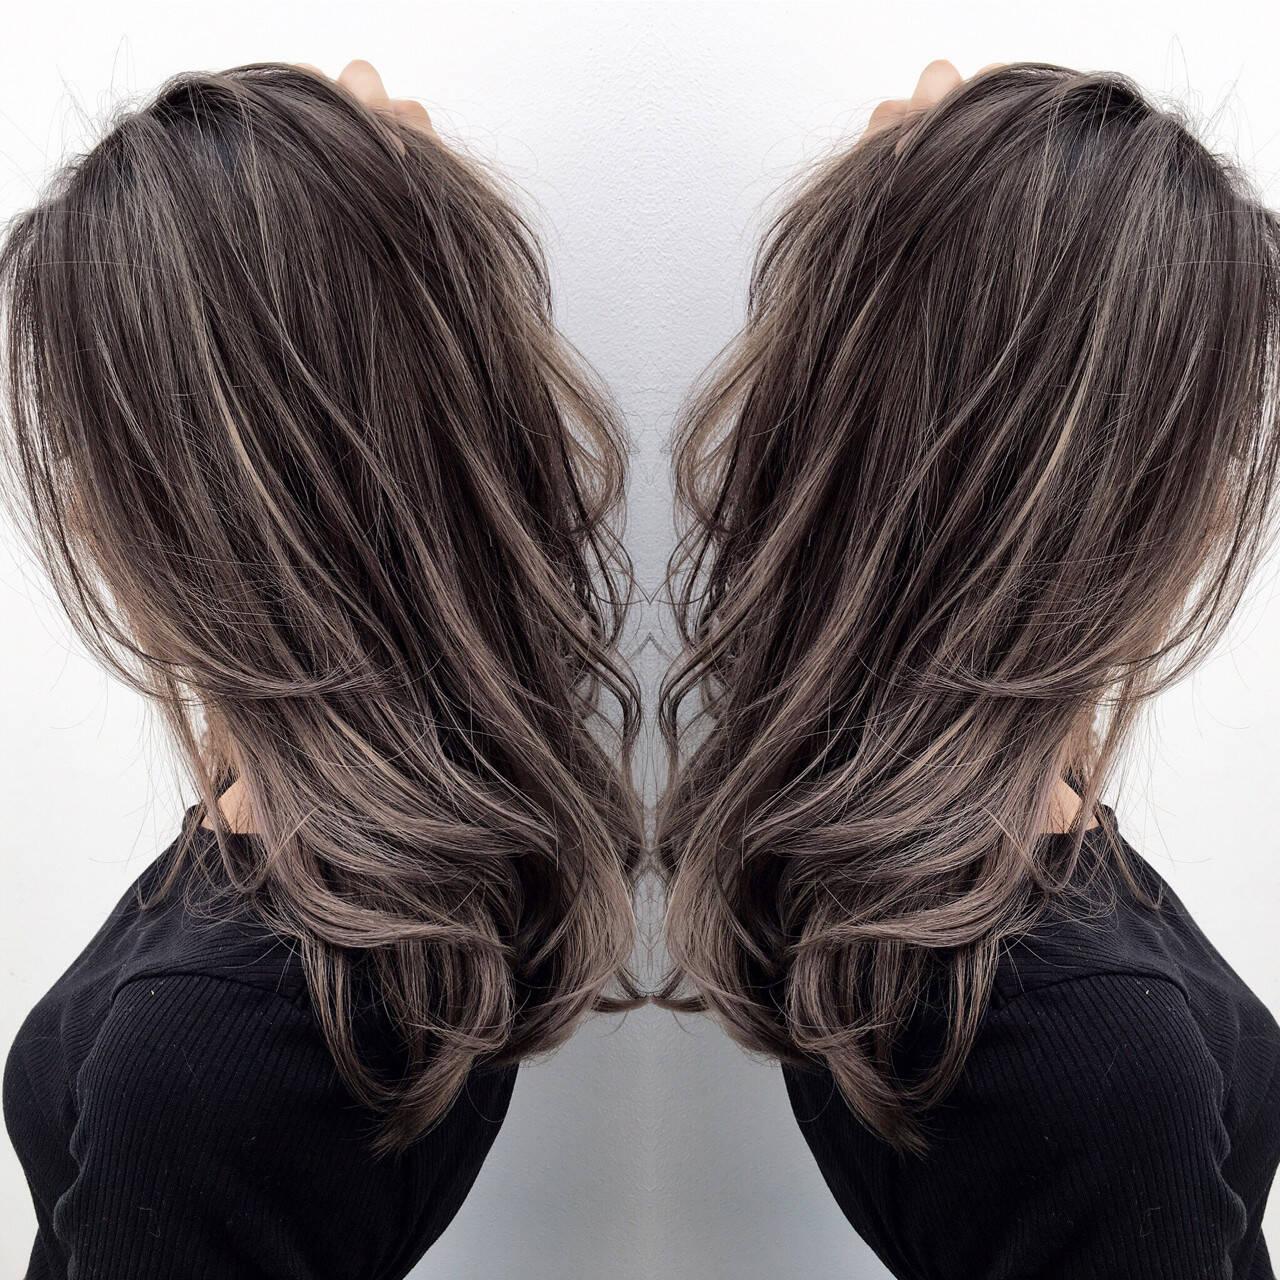 グレージュ ハイトーン 外国人風 セミロングヘアスタイルや髪型の写真・画像